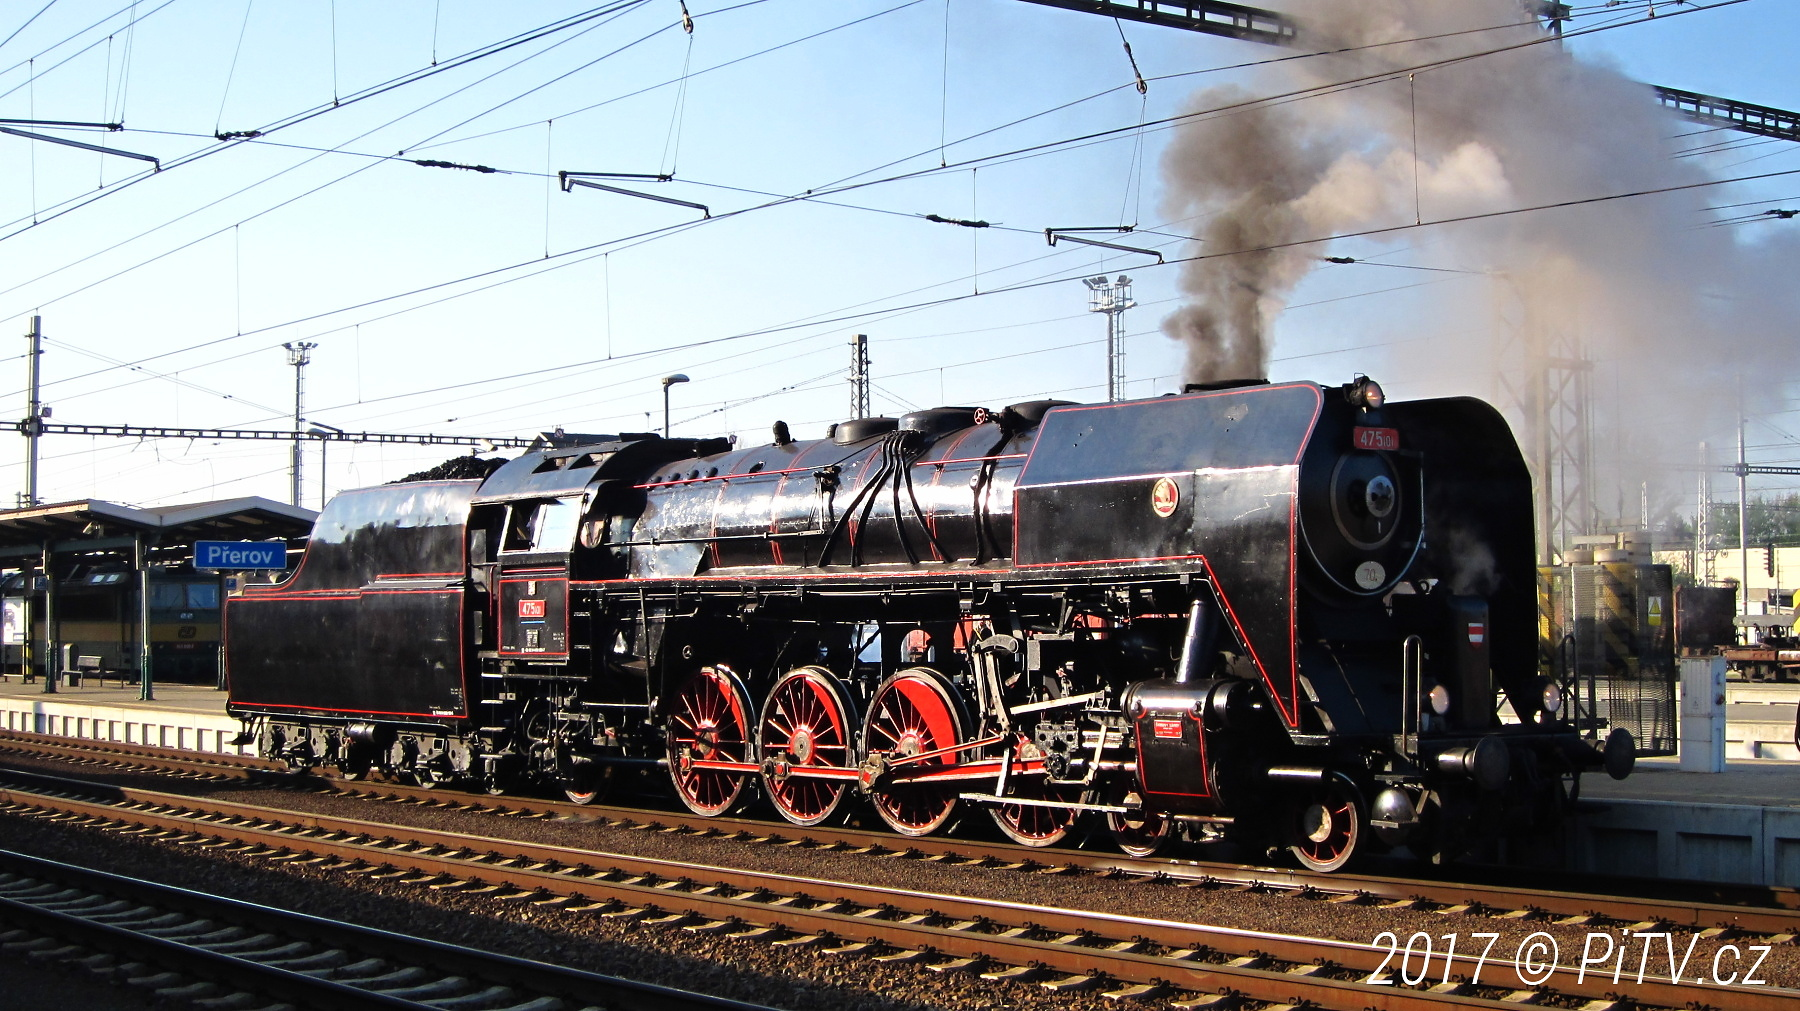 """FOTO: Parní lokomotiva 475.1 """"Šlechtična"""" v Přerově"""